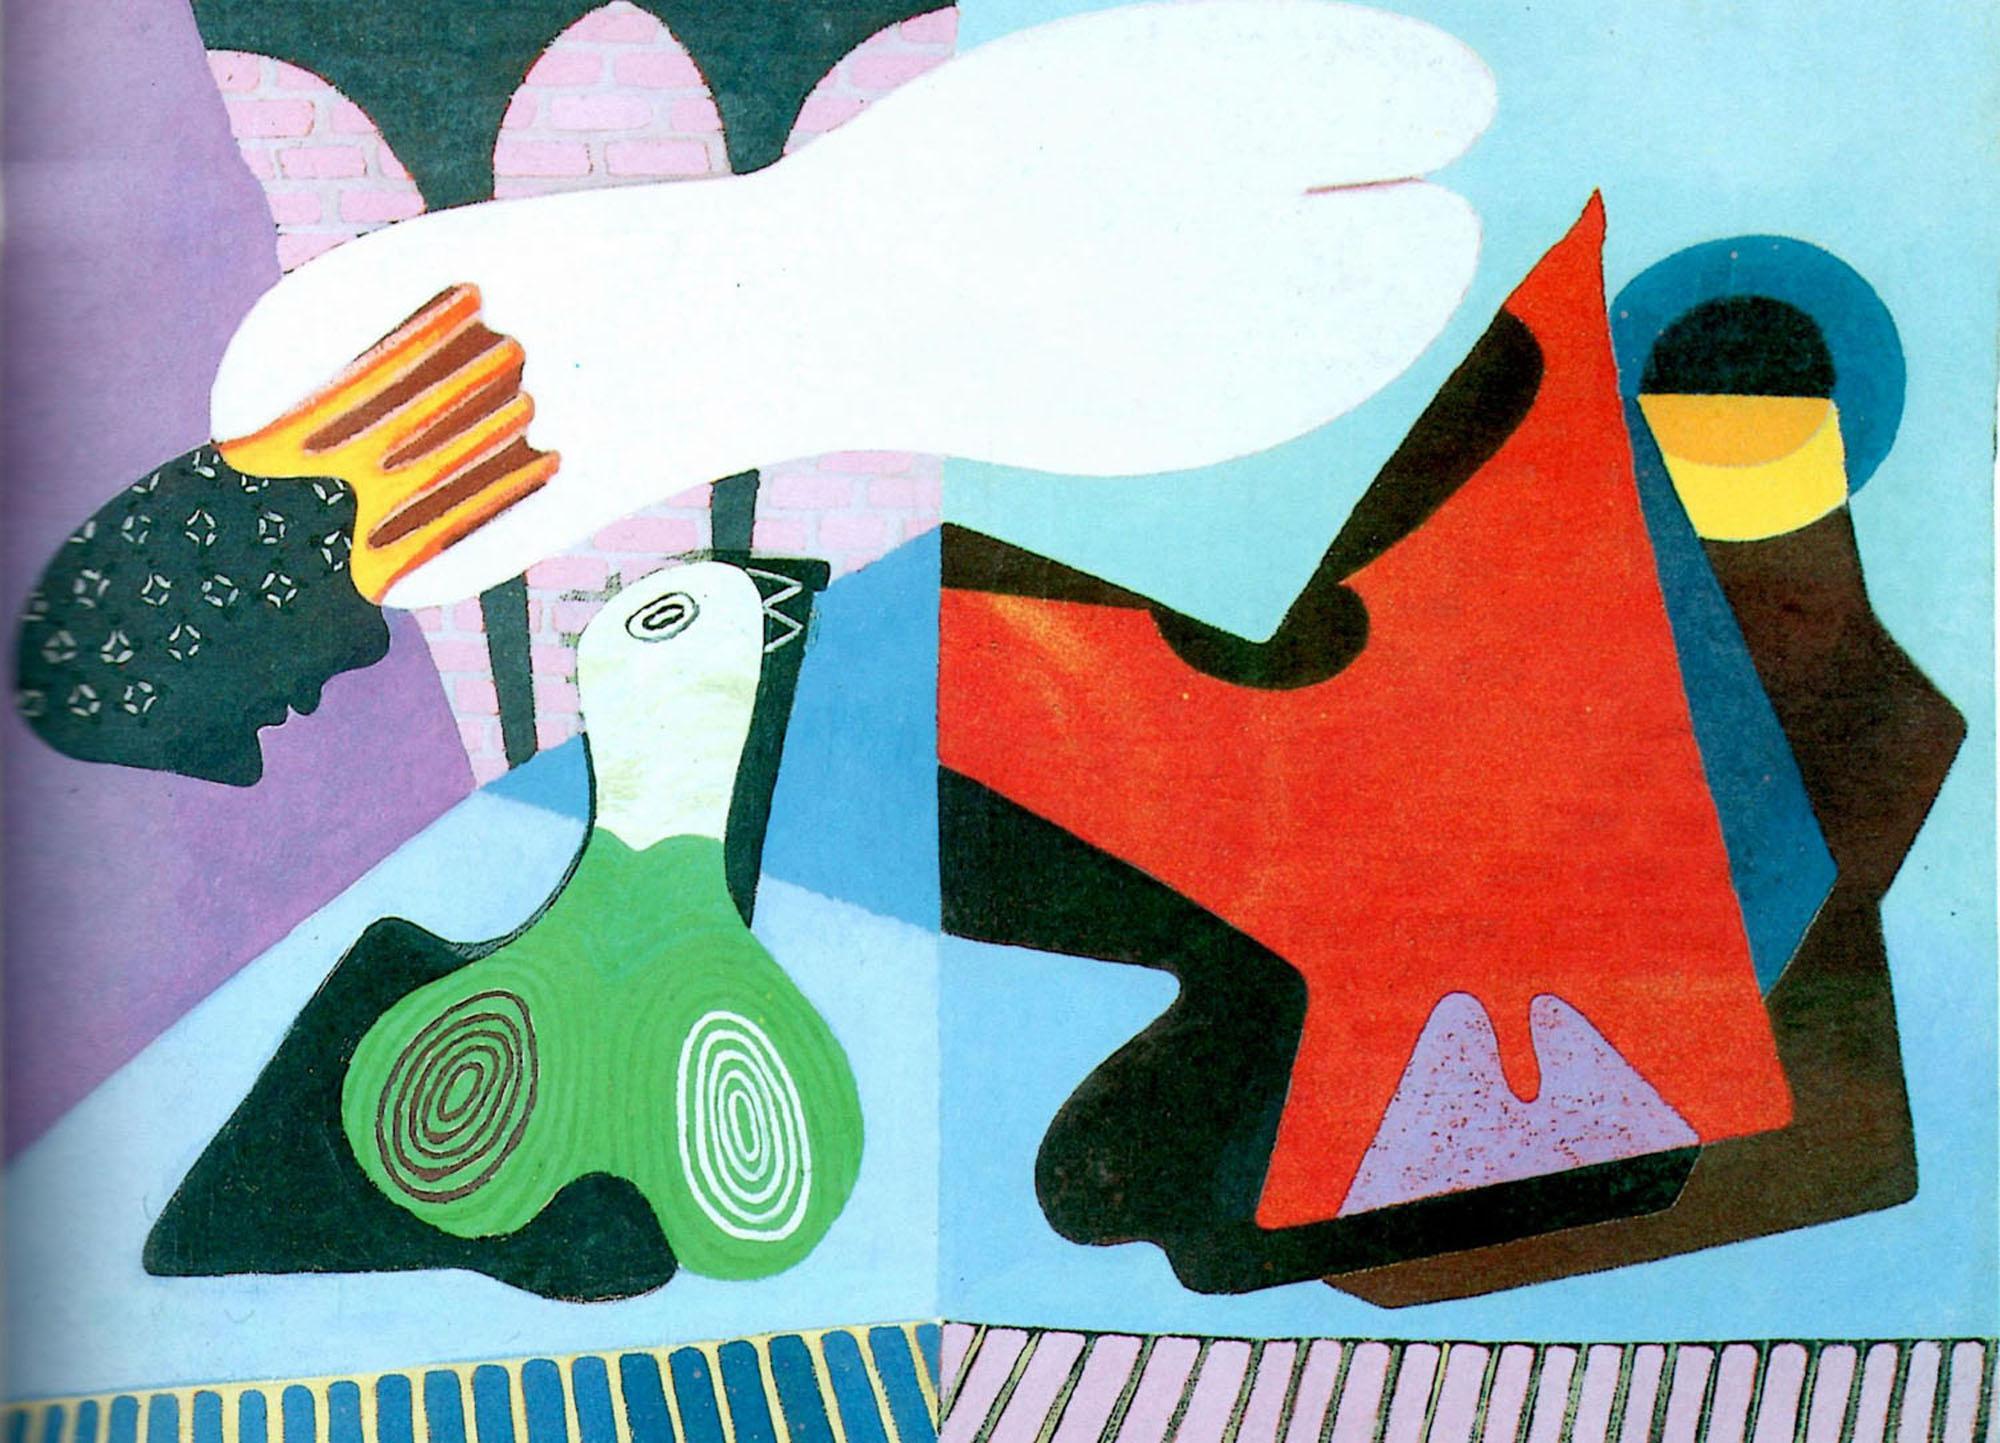 Heinrich Maria Davringhausen, Les Milles, olej na płótnie,1940 (zdjęcie pochodzi z materiałów prasowych)